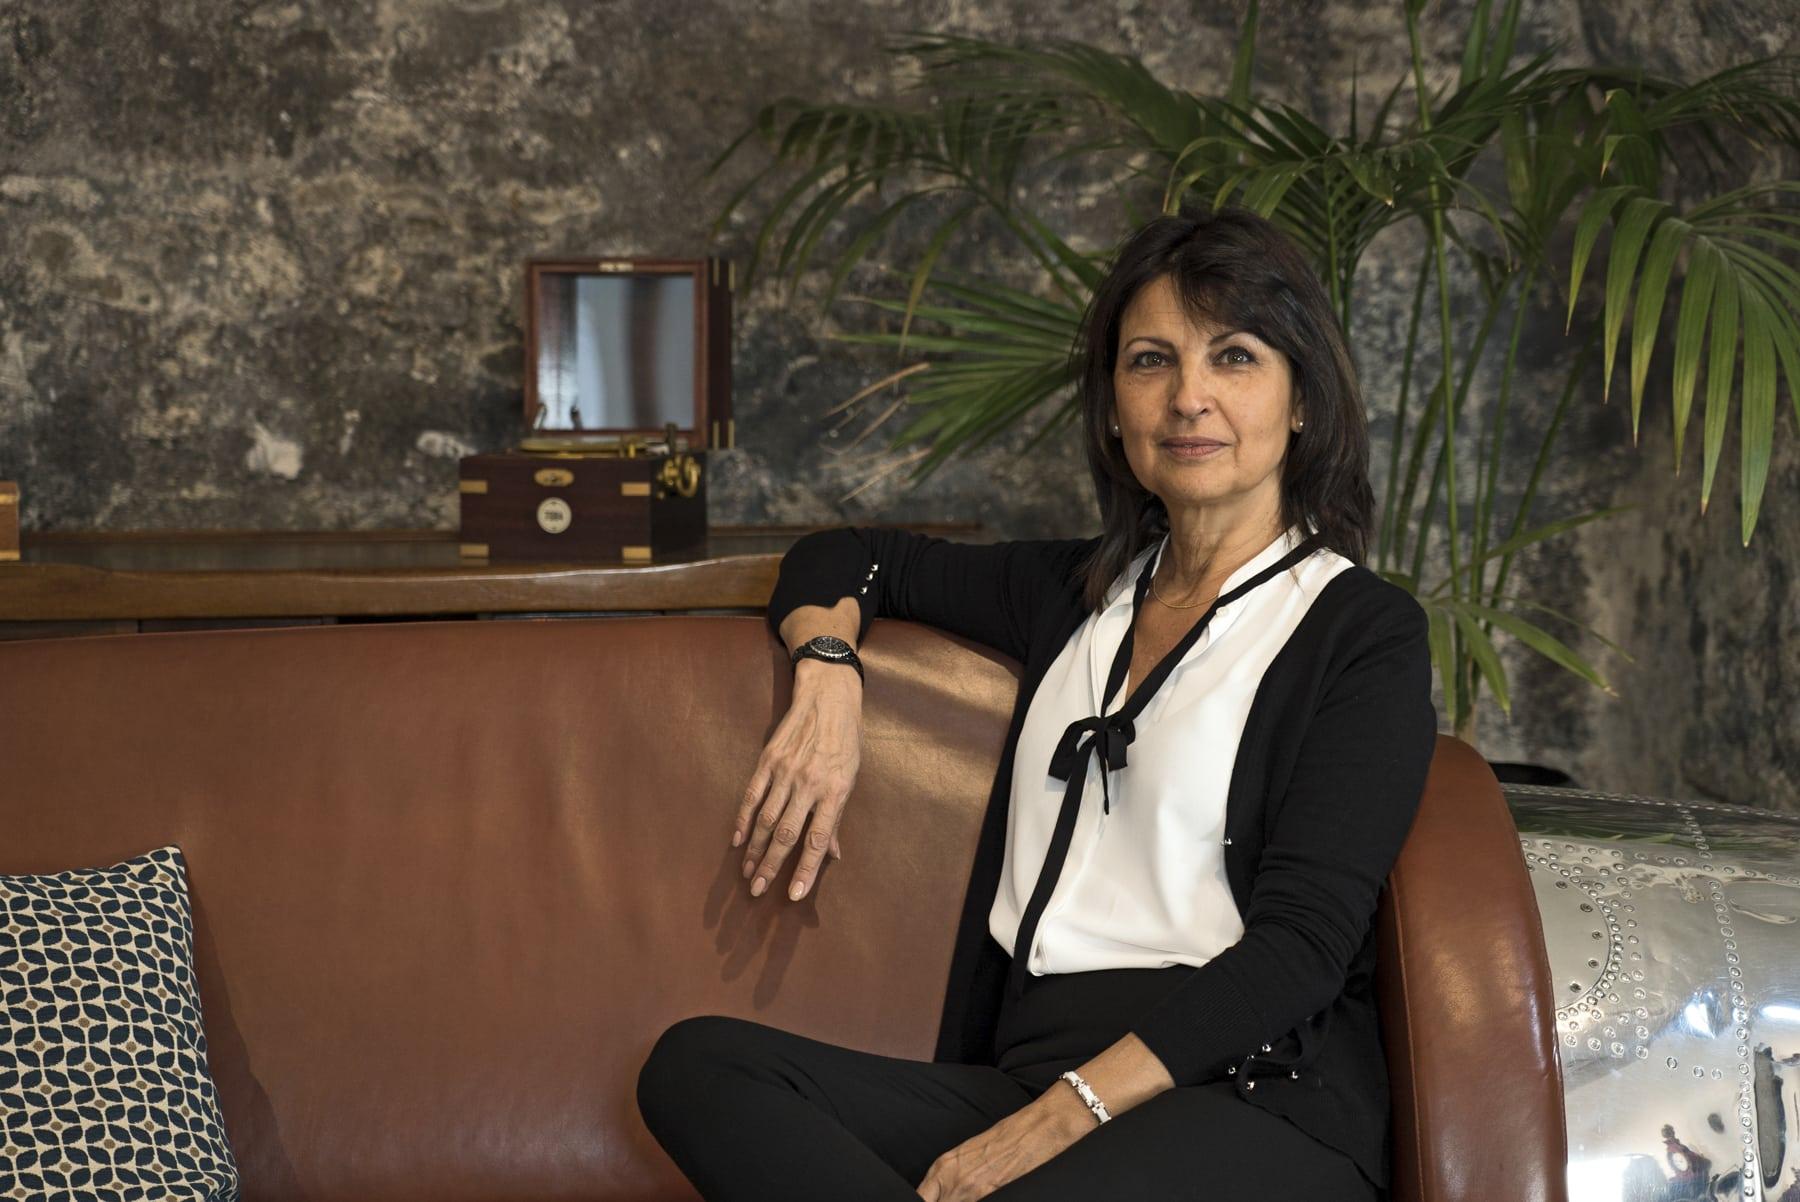 Juanita Stemmer, Jewellery & Gemmology expert